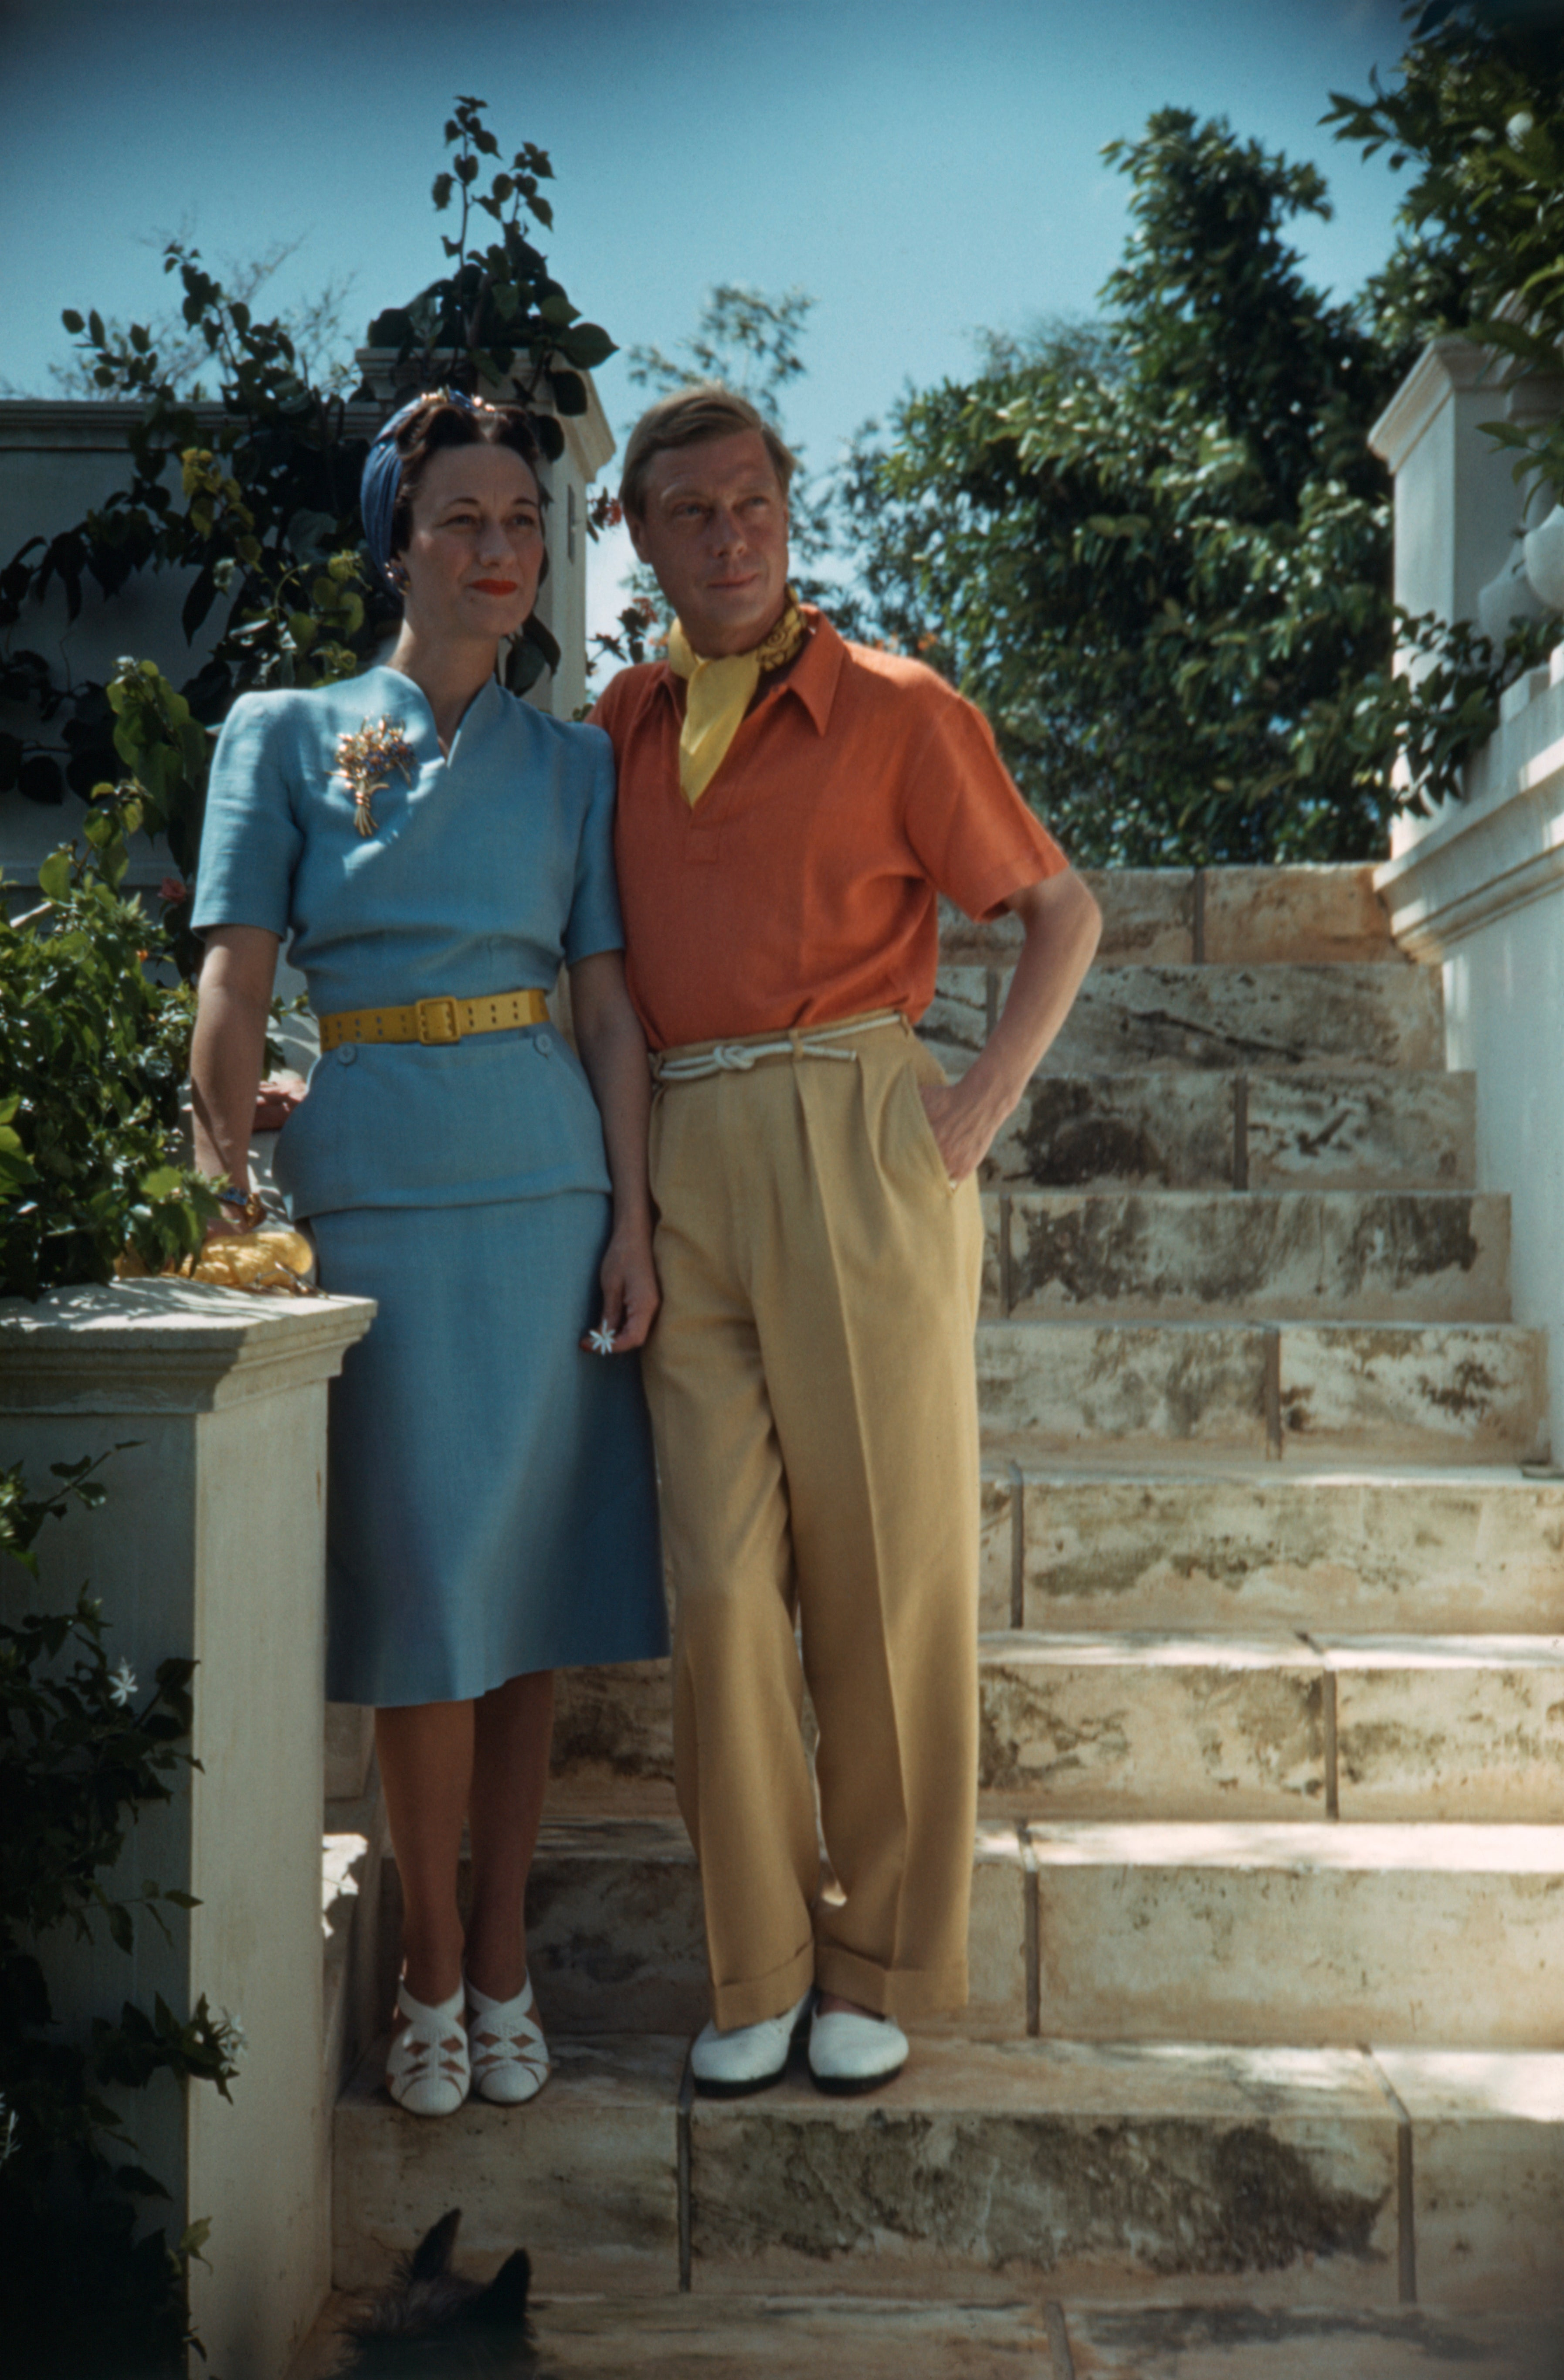 Vévoda a vévodkyně z Windsoru, 1. září 1941          Autor: Bettmann/Getty Images